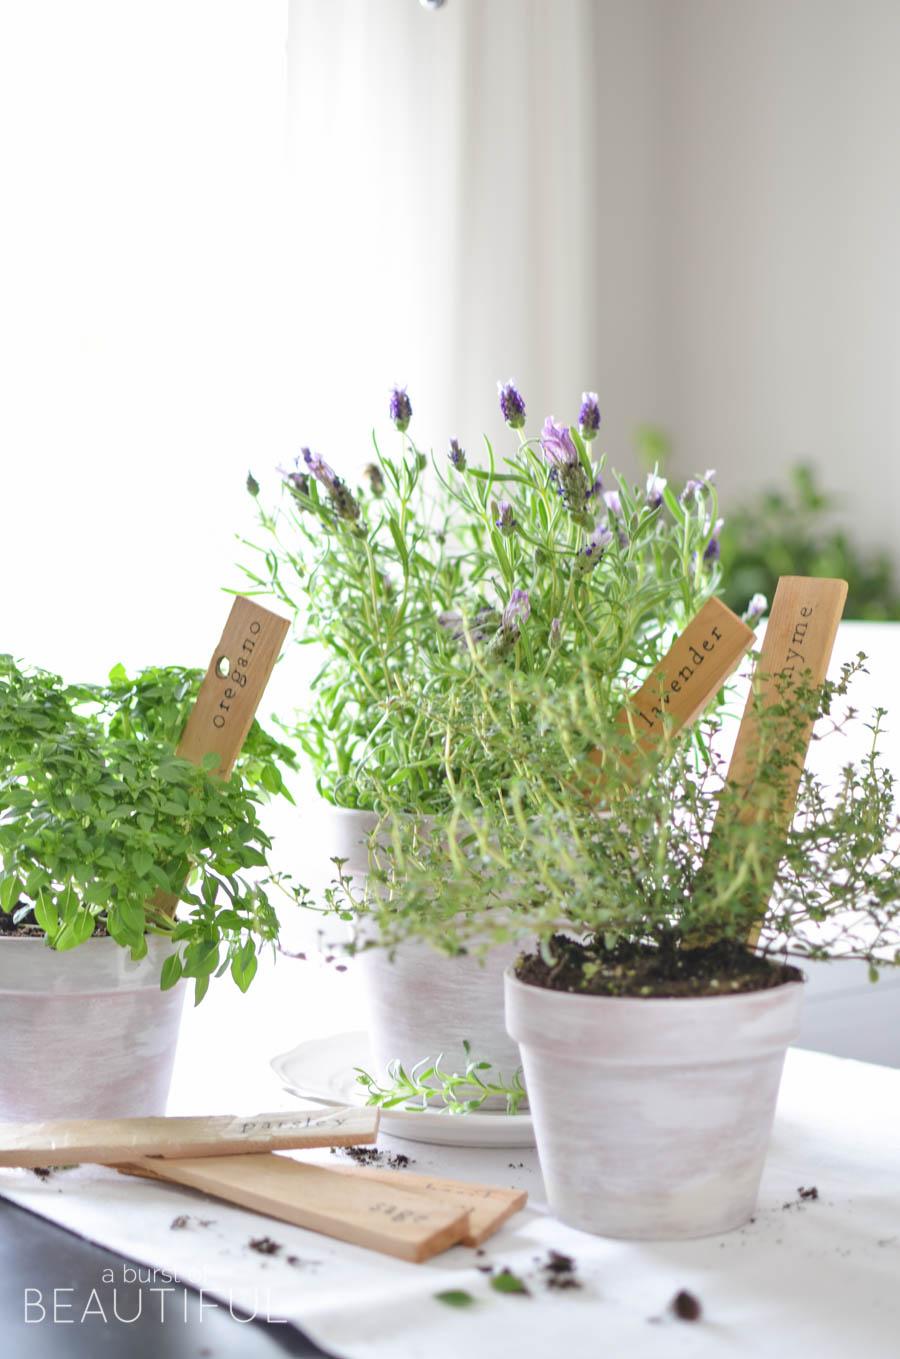 DIY-Herb-Markers_15